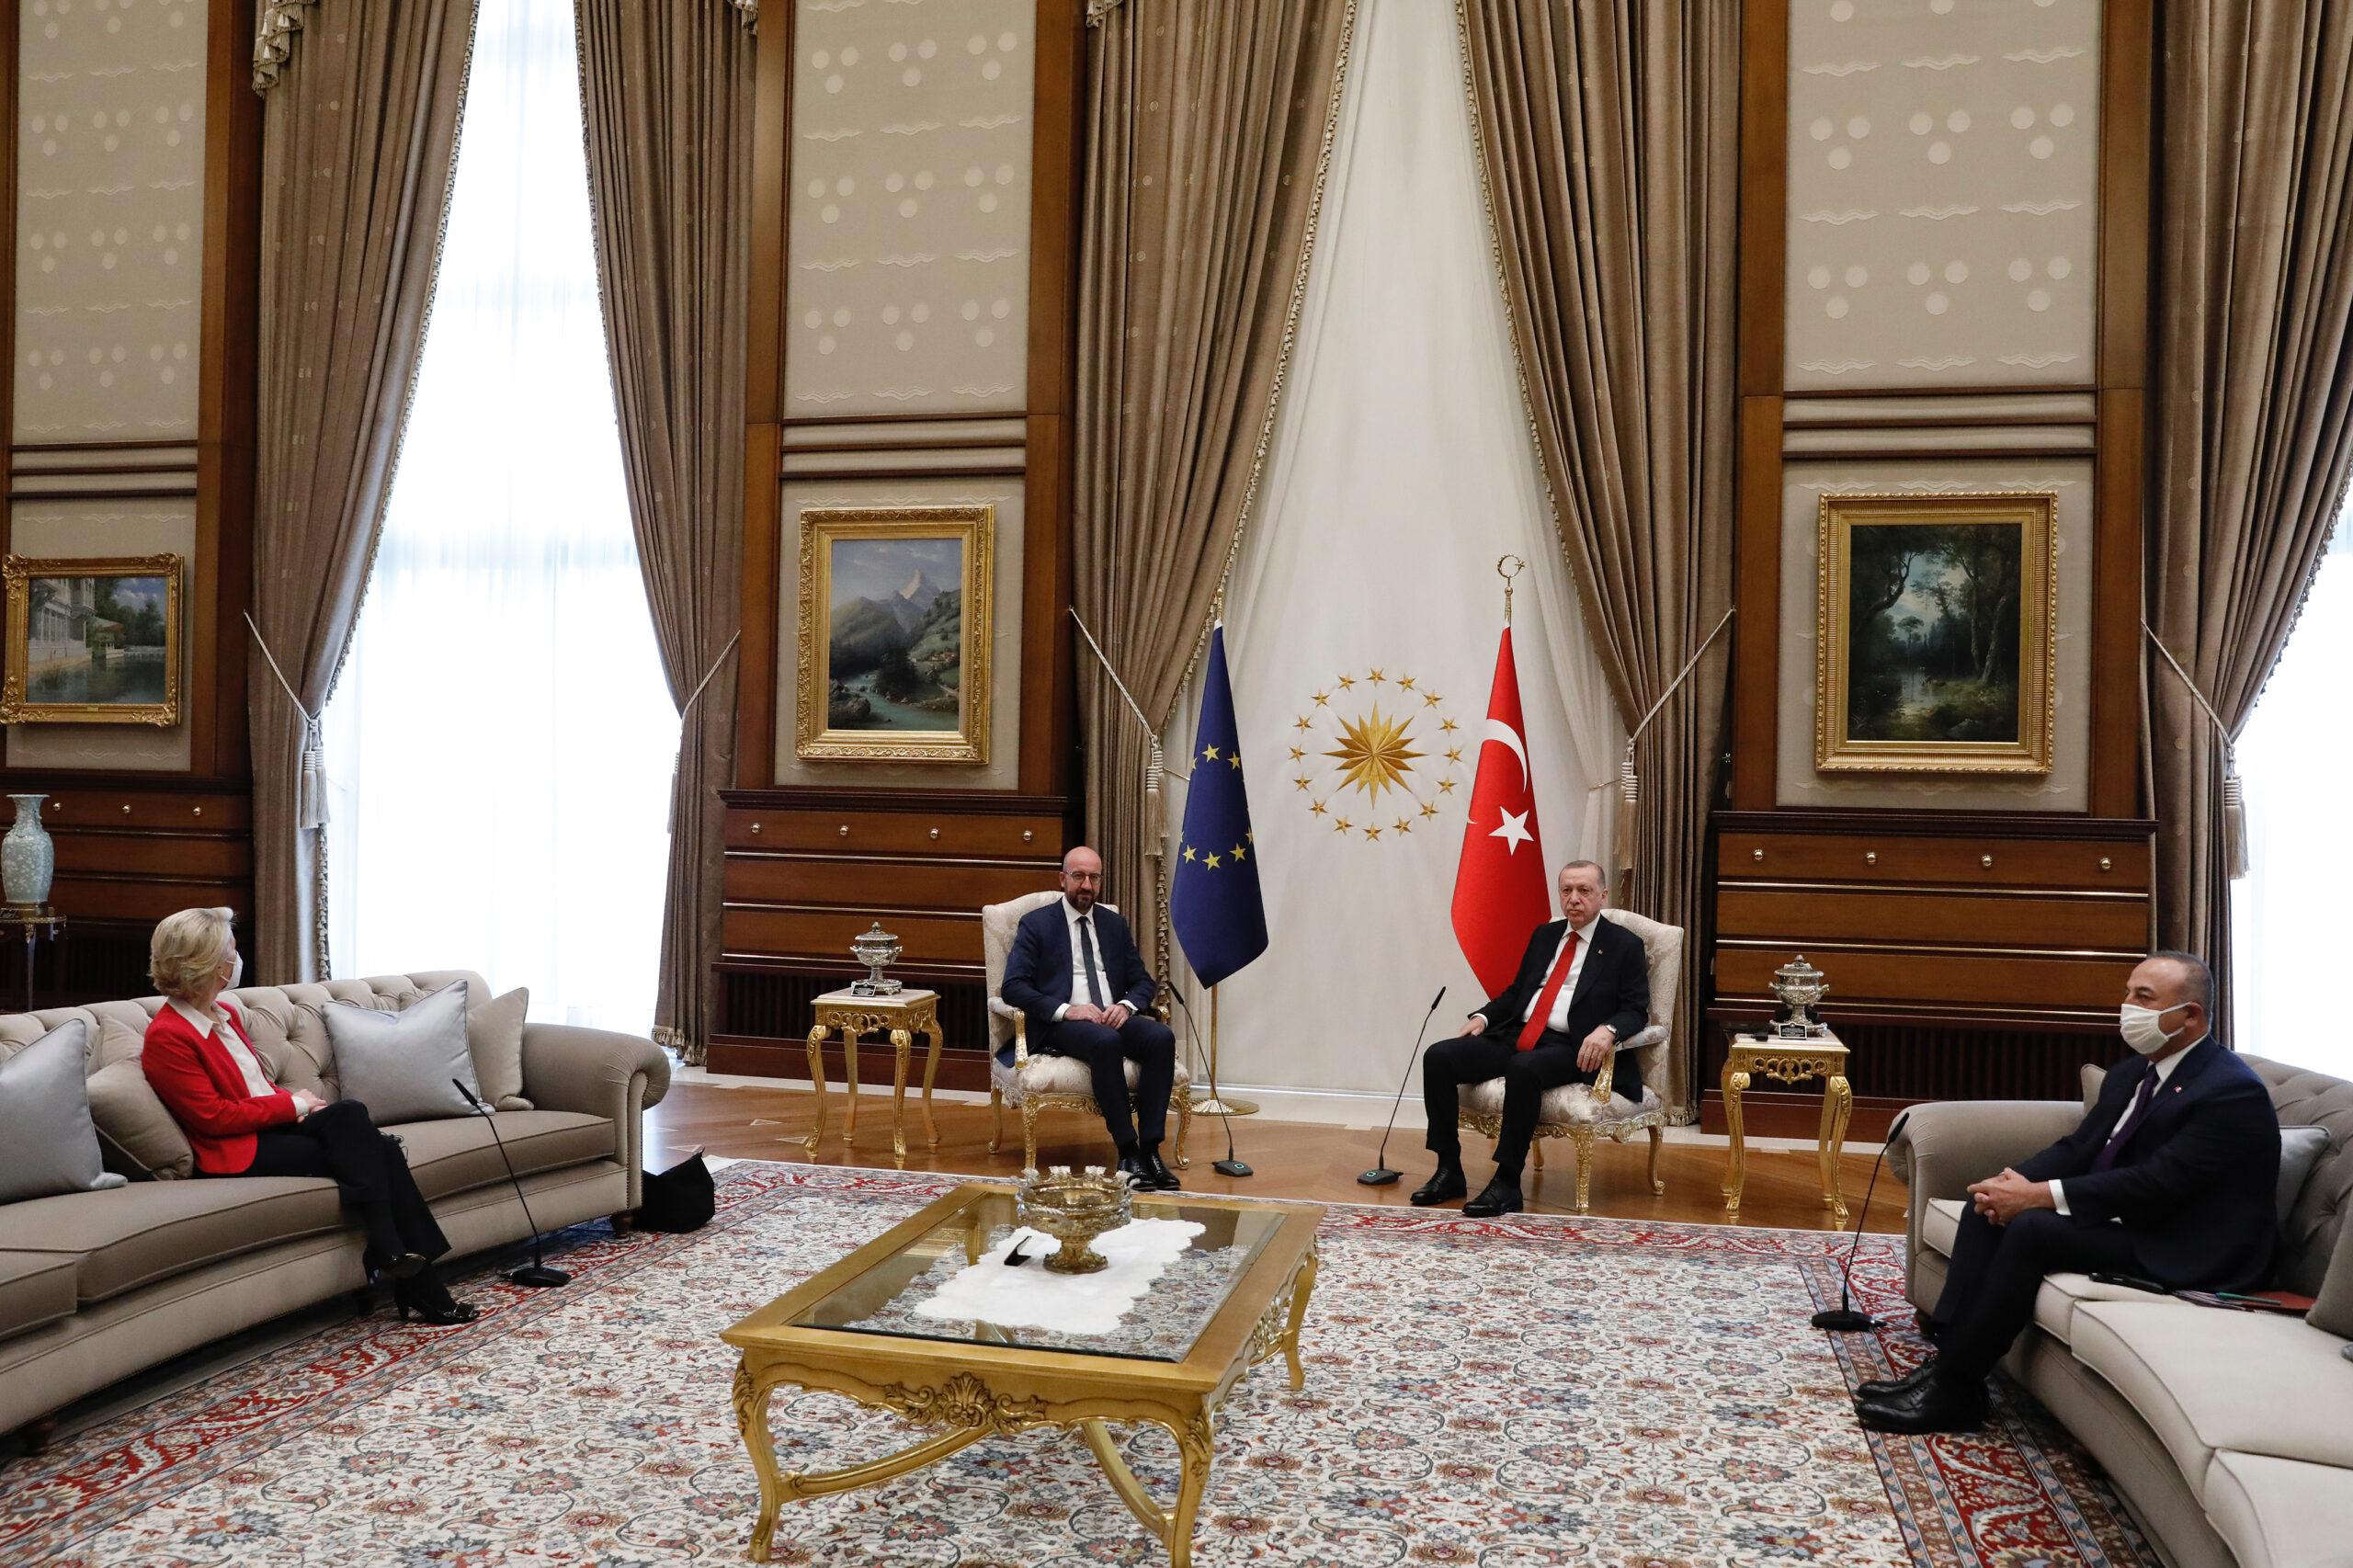 La presidenta de la Comissió Europea, Ursula Von der Leyen, en un sofà mentre el president del Consell Europeu, Charles Michel, i el president turc, Recep Tayyip Erdogan, seuen junts en una visita oficial a Ankara el 6 d'abril del 2021 / ACN